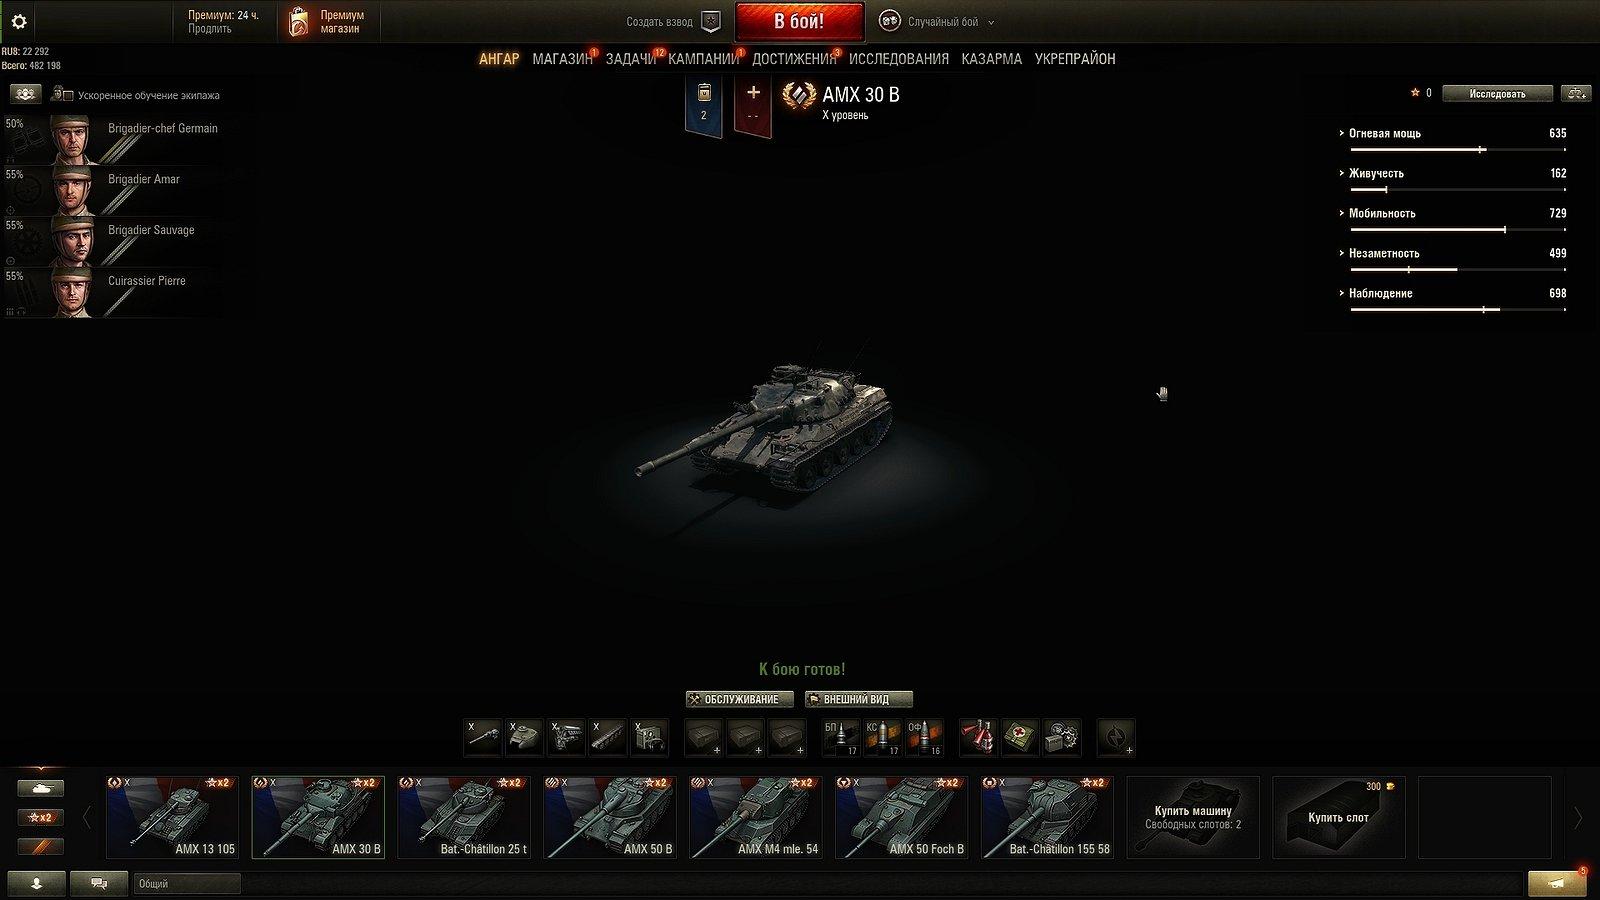 girls und panzer world of tanks 1.0 voice mod